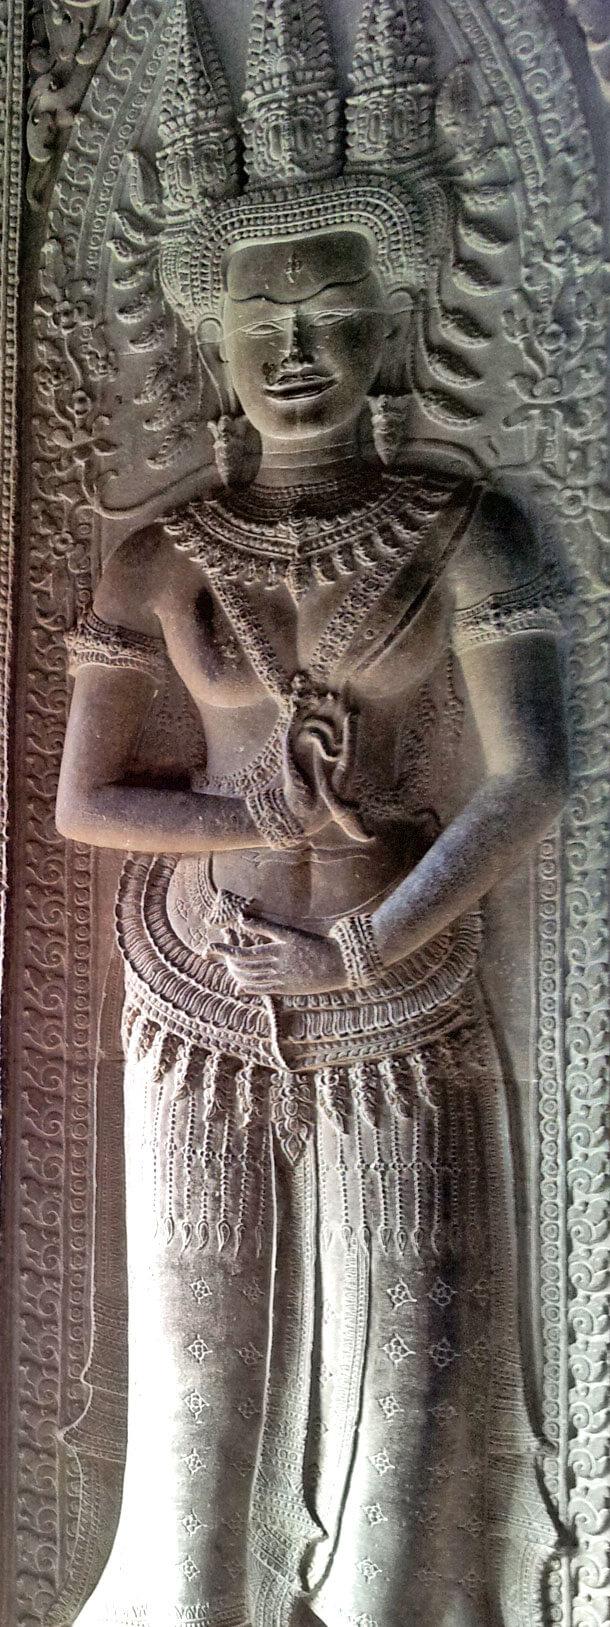 Devata at Angkor Wat